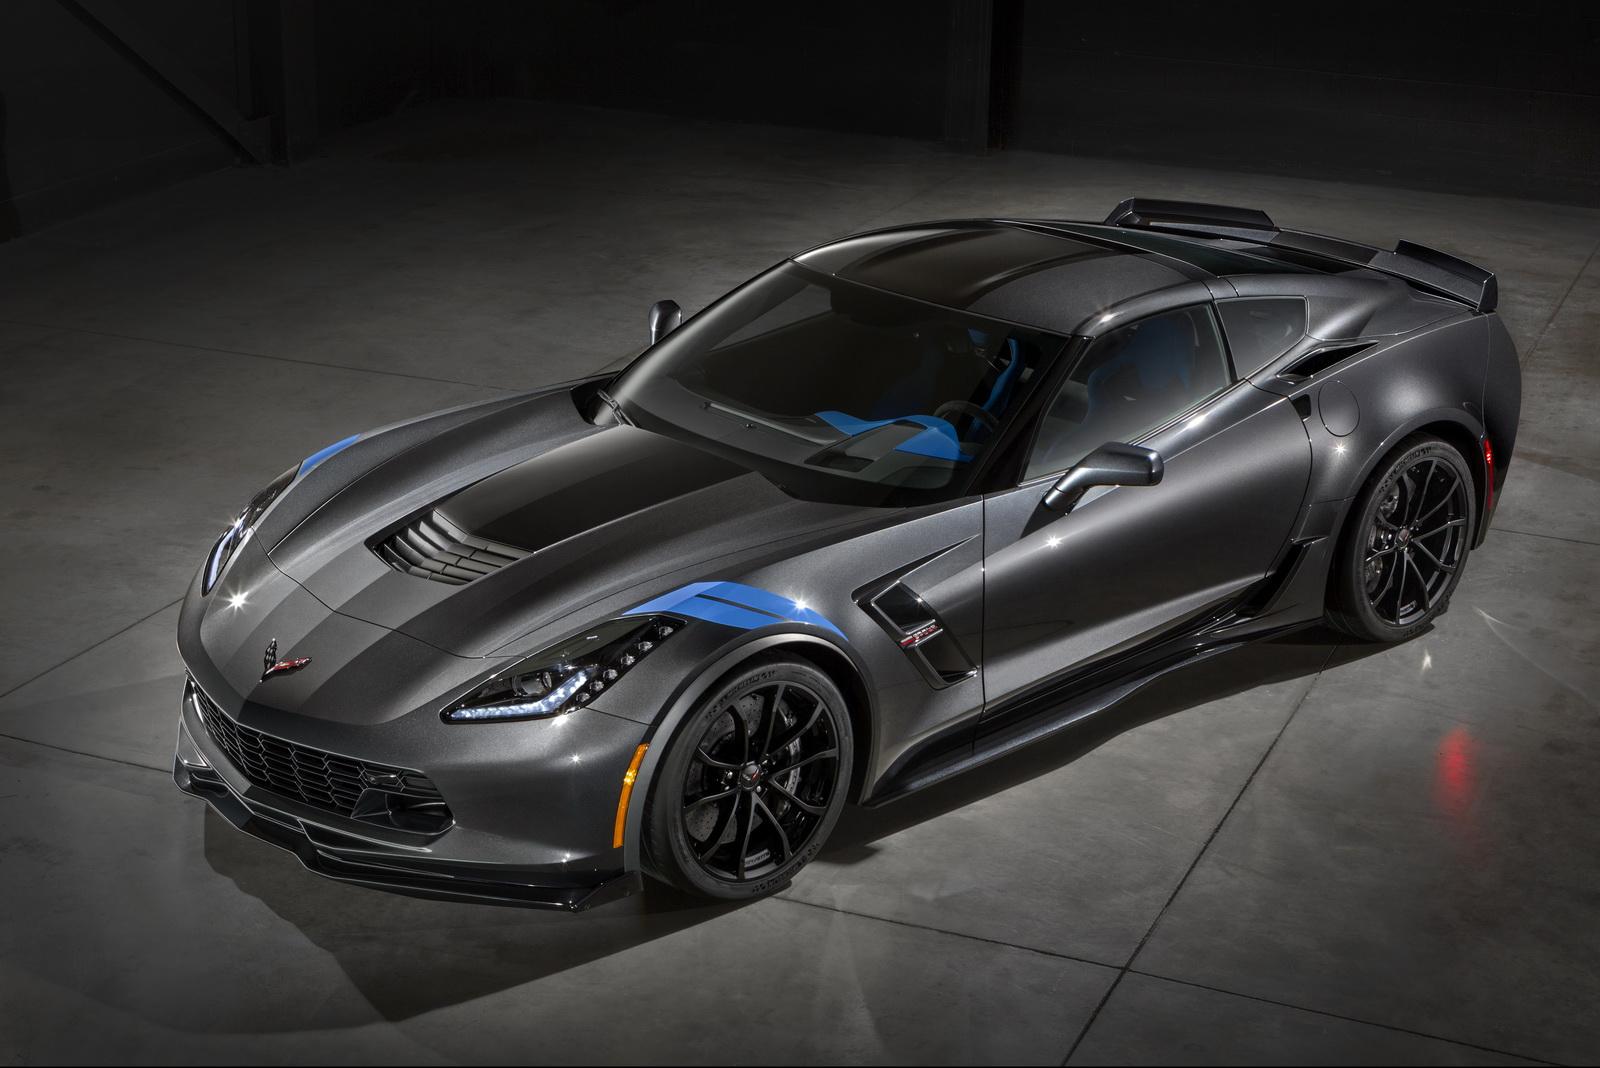 Chevrolet Corvette Grand Sport 2017 quá ấn tượng trong thiết kế